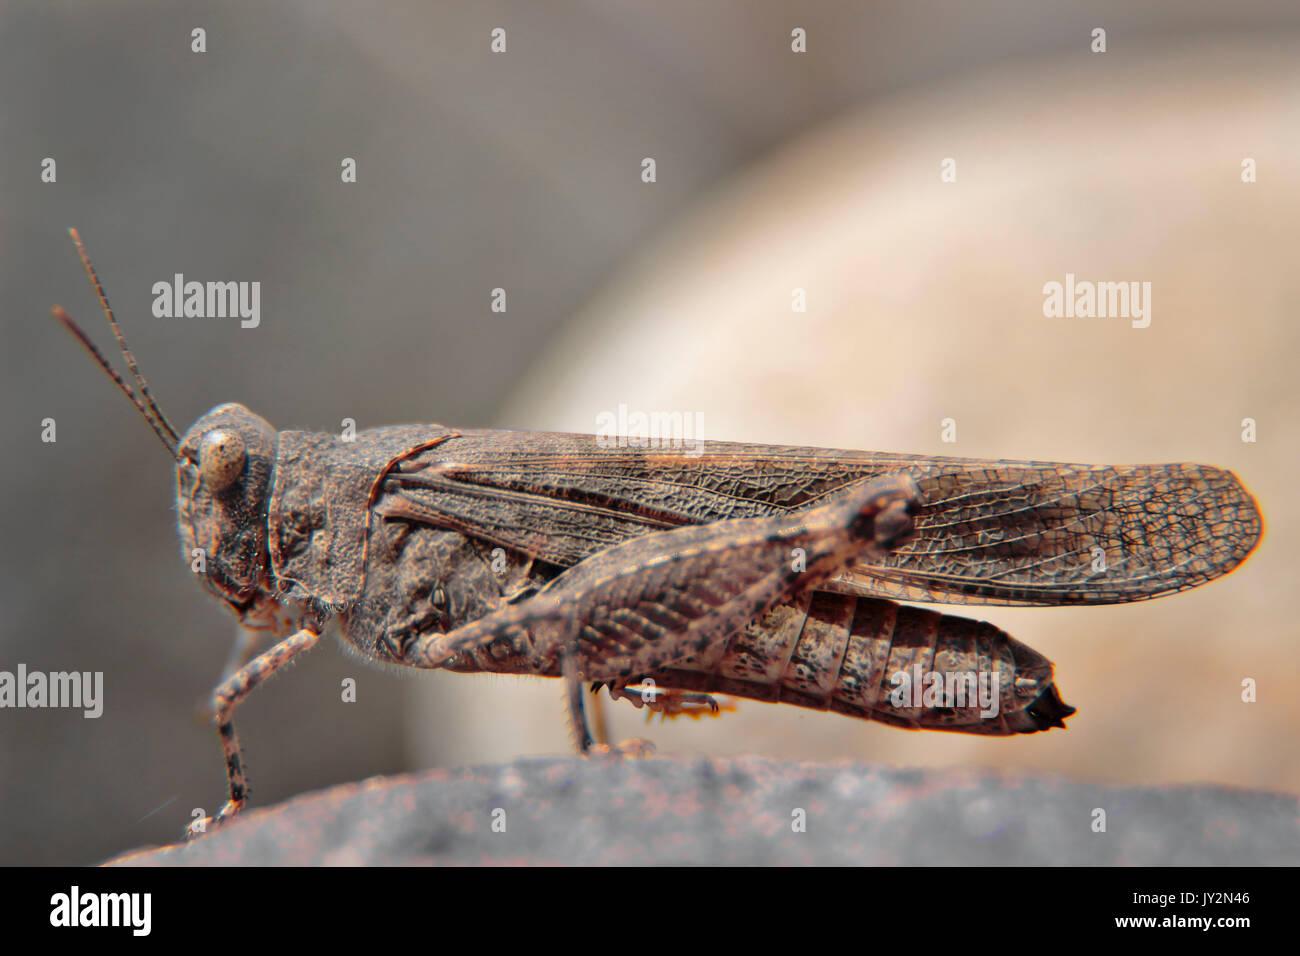 Trimerotropis ochraceipennis, especie de langosta común, que habita prácticamente en todos los lugares tanto rurales como urbanos; tomada con Tubos de Immagini Stock